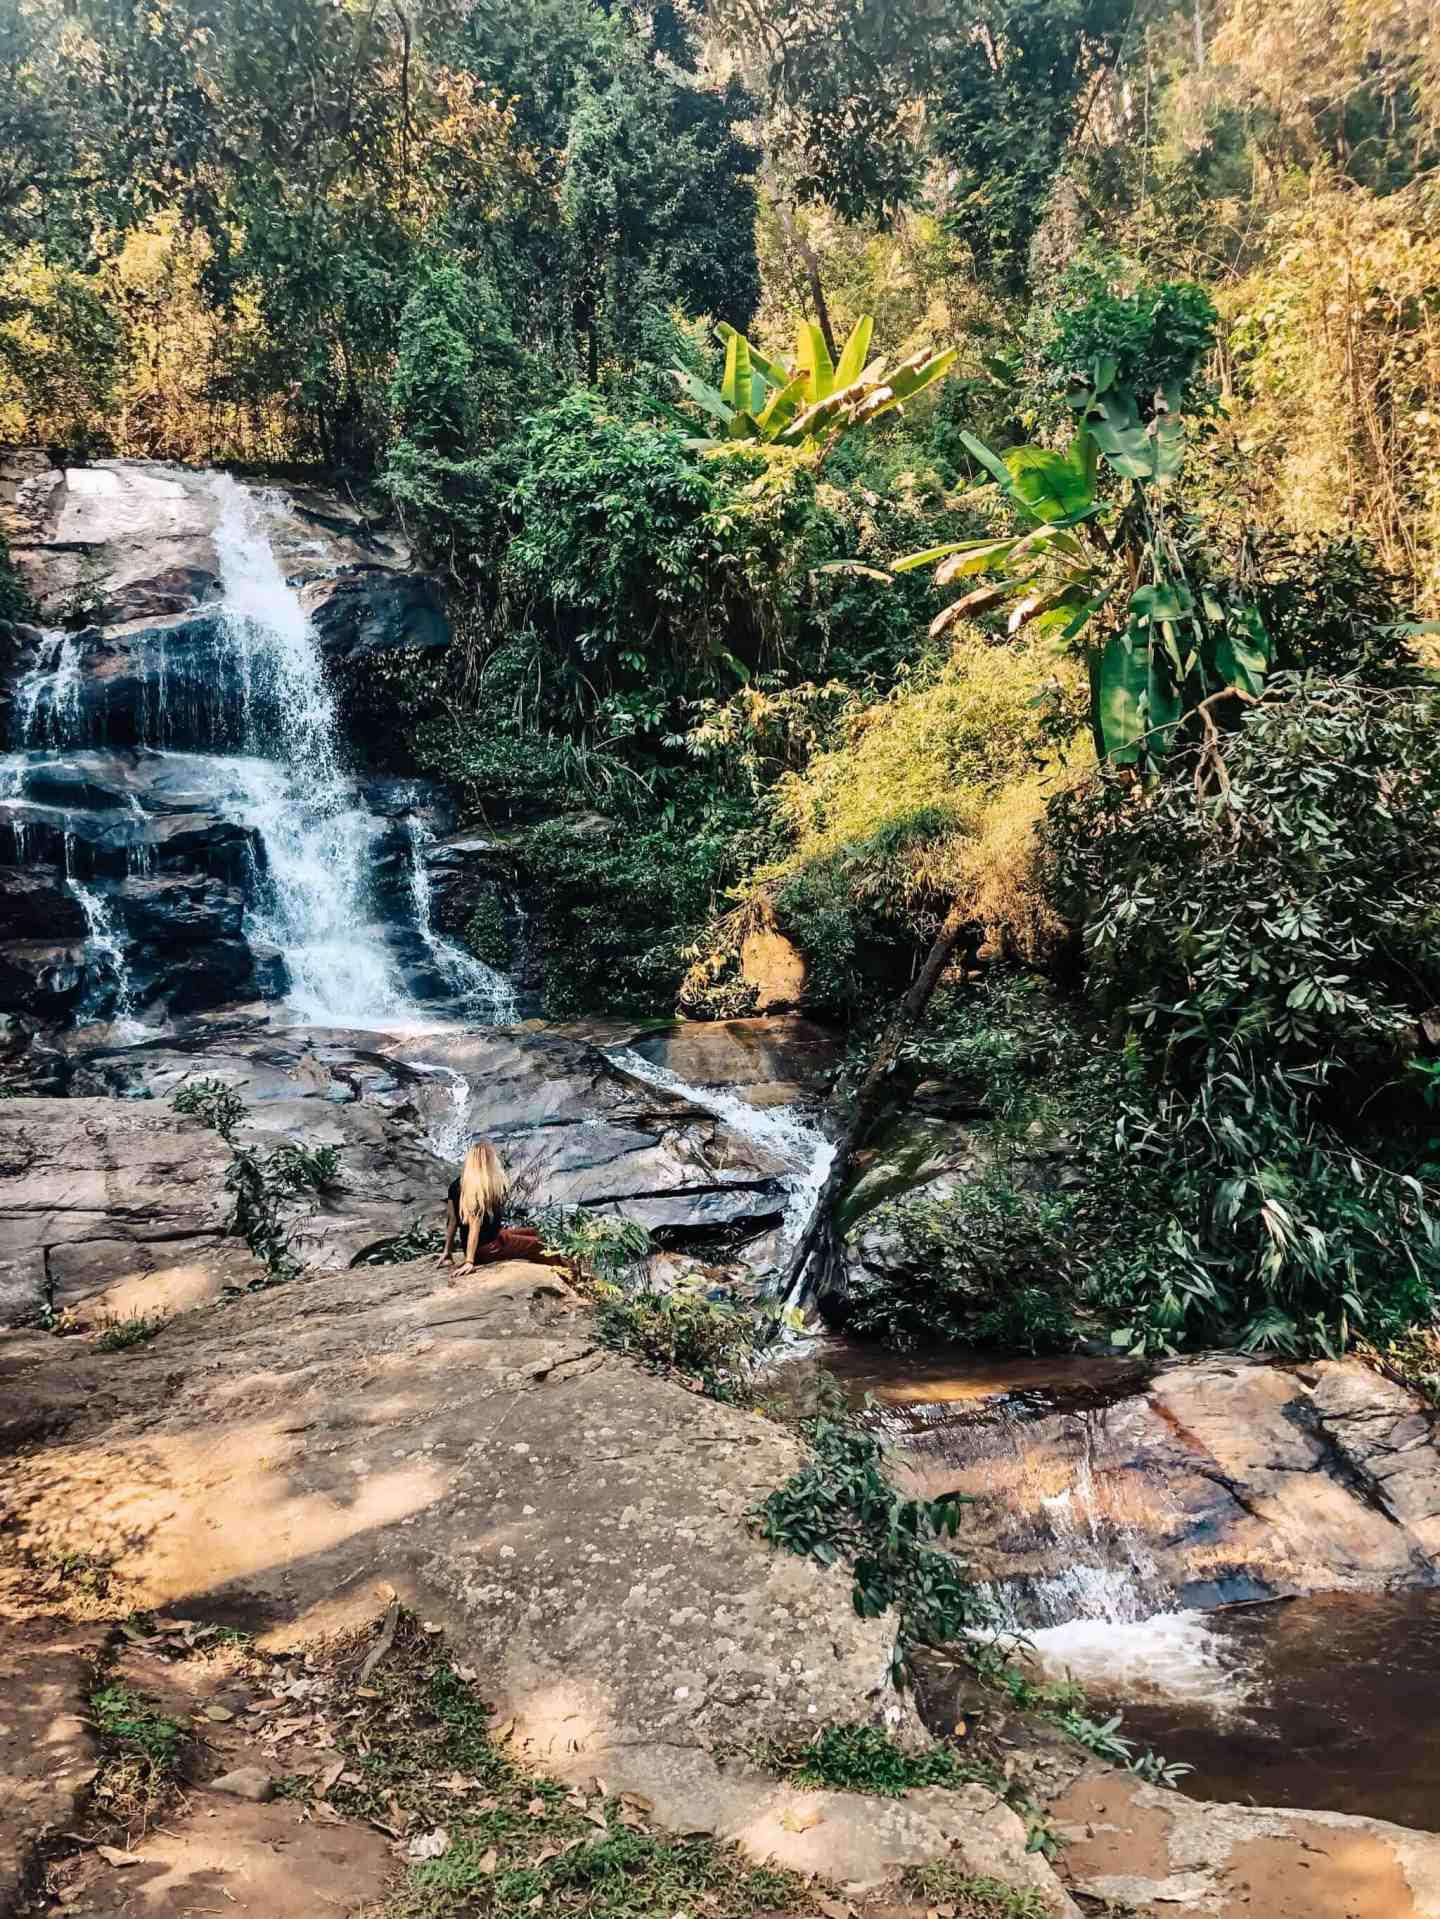 Mon Than Waterfall - Chiang Mai